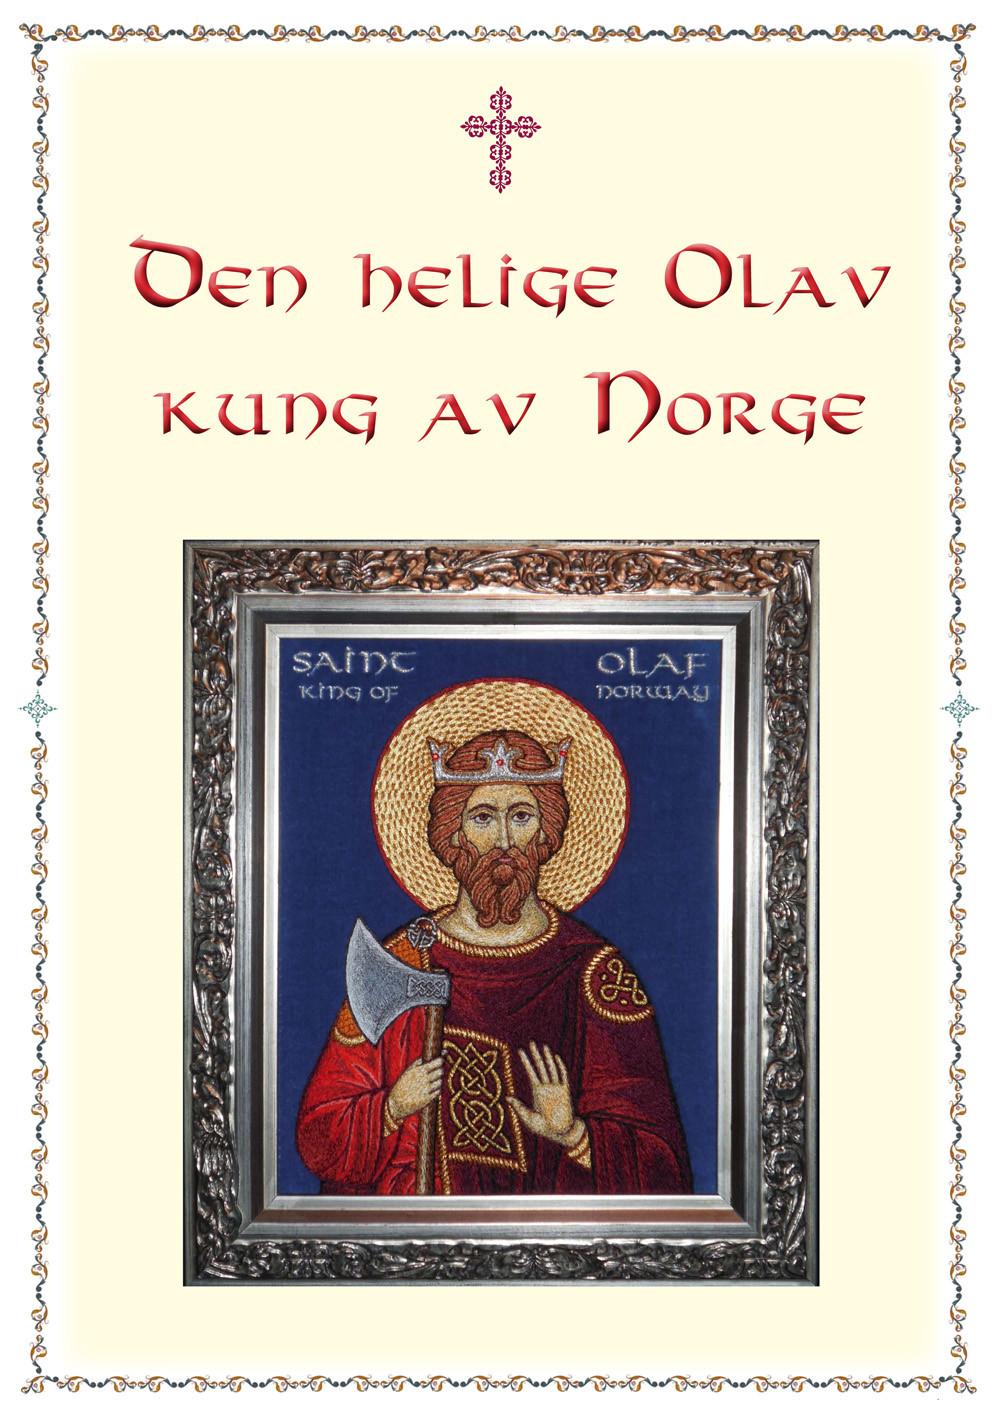 Den helige Olav.jpg